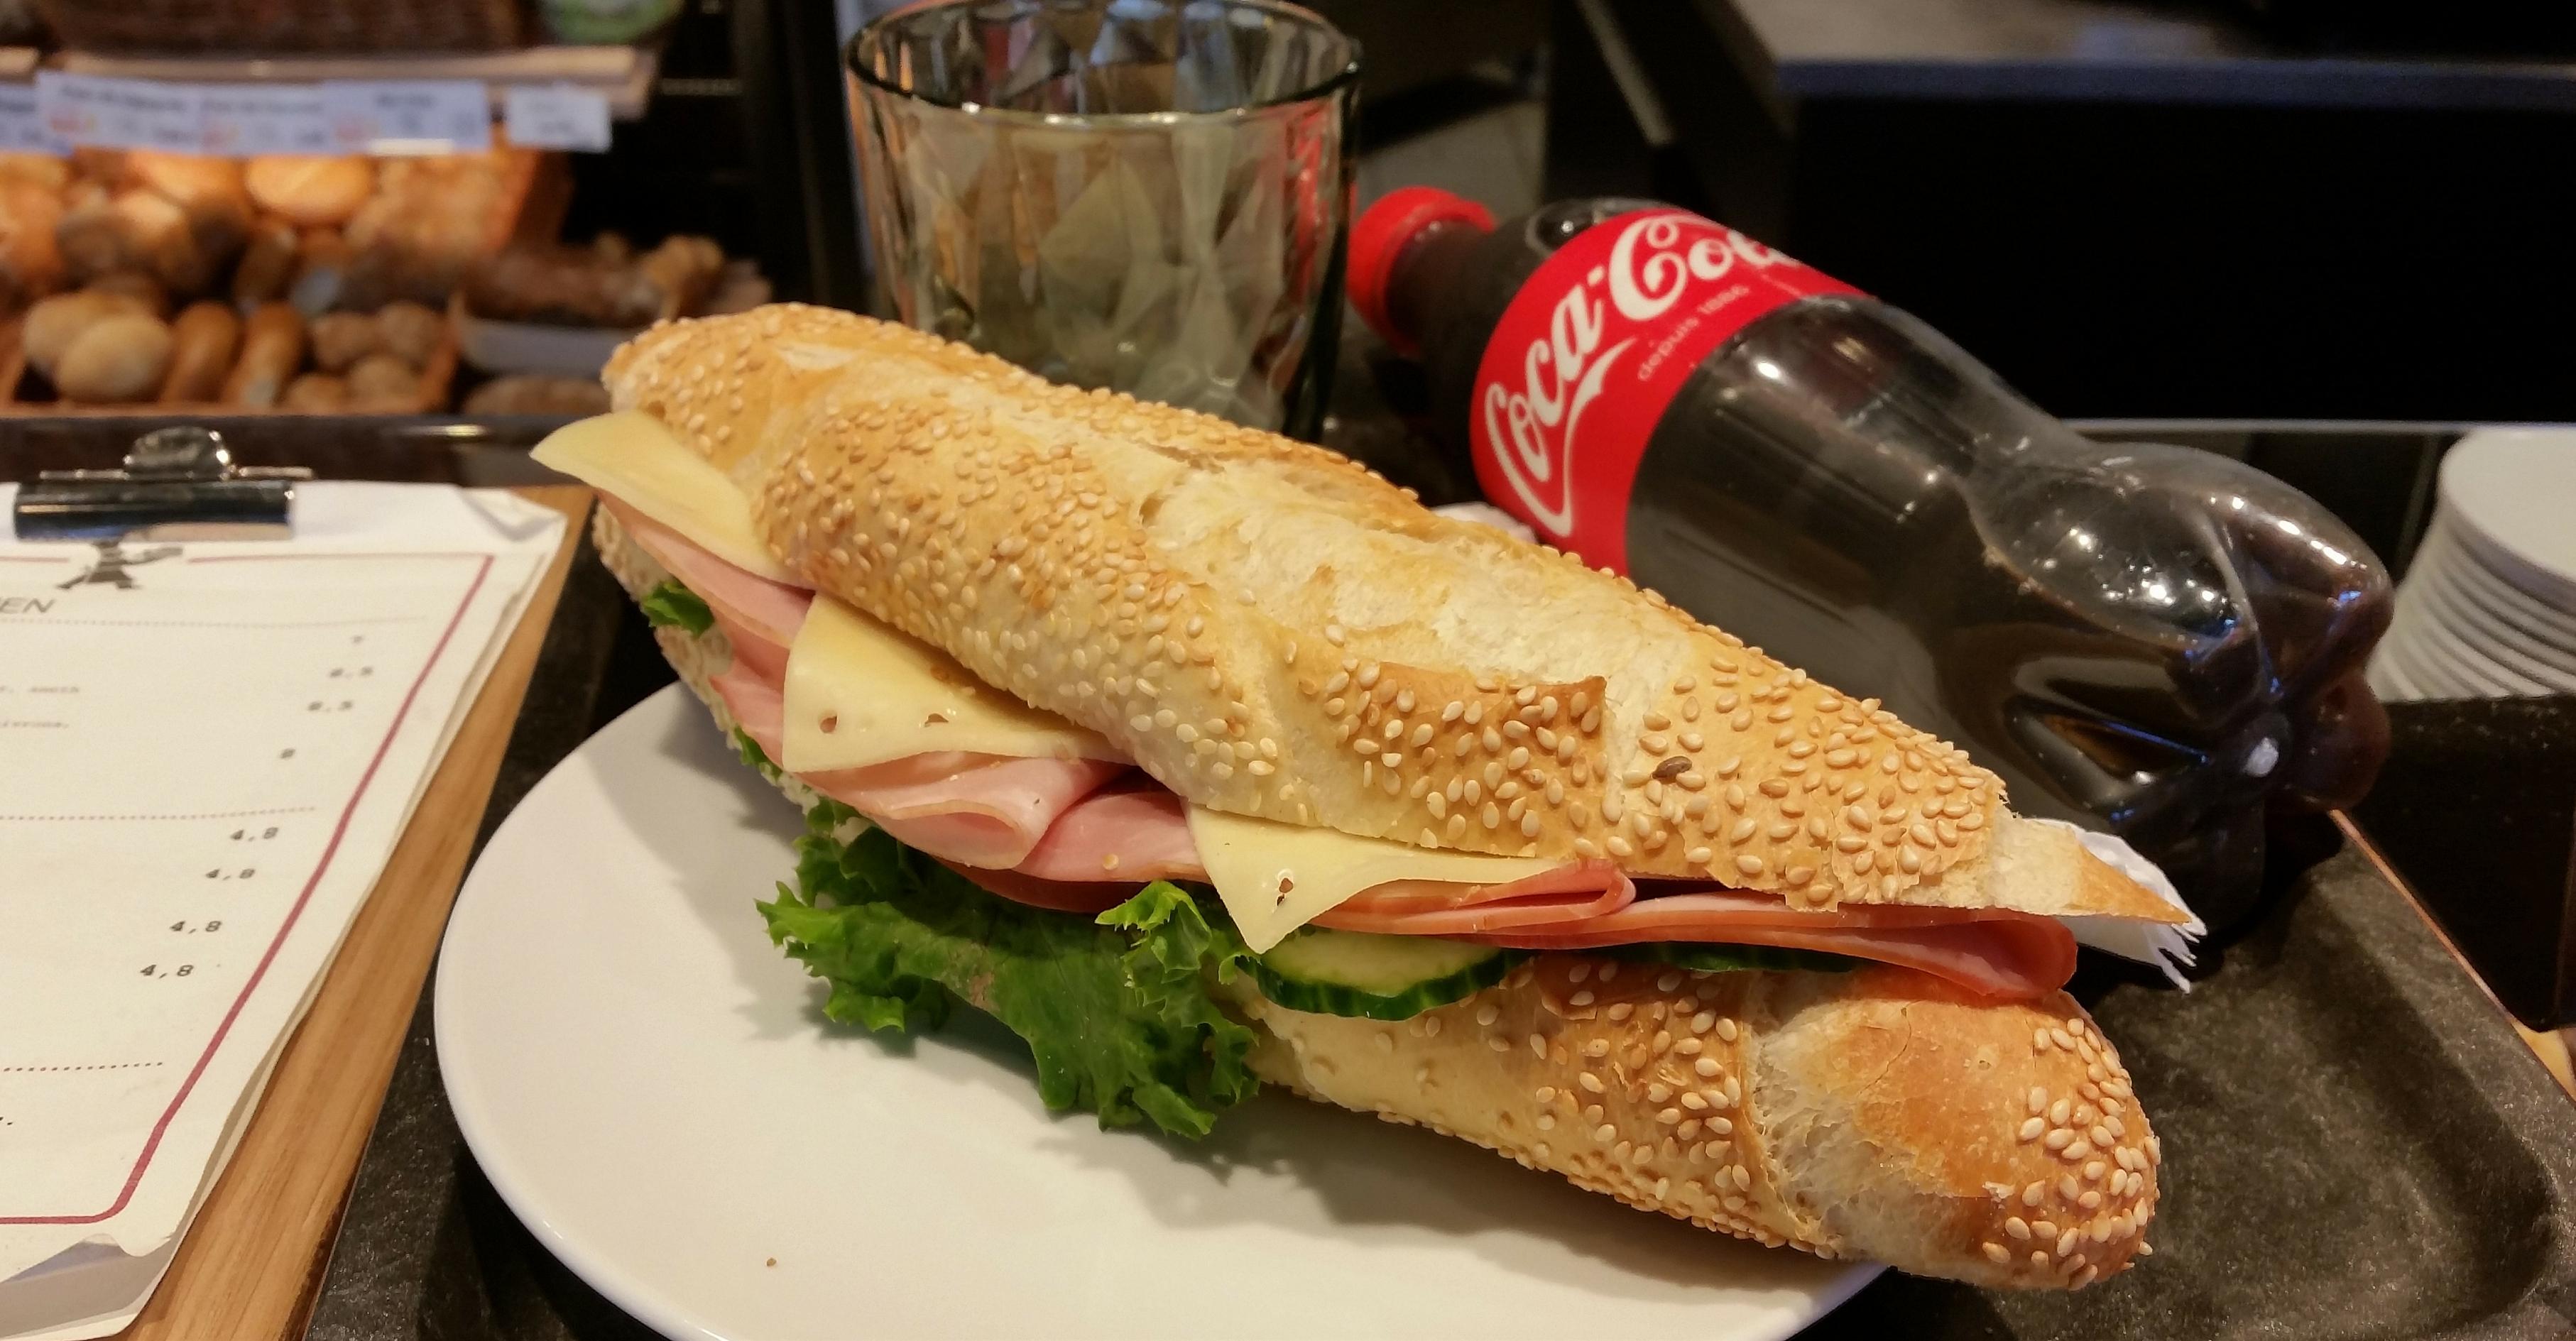 dreher-strasbourg-miss-elka-sandwich